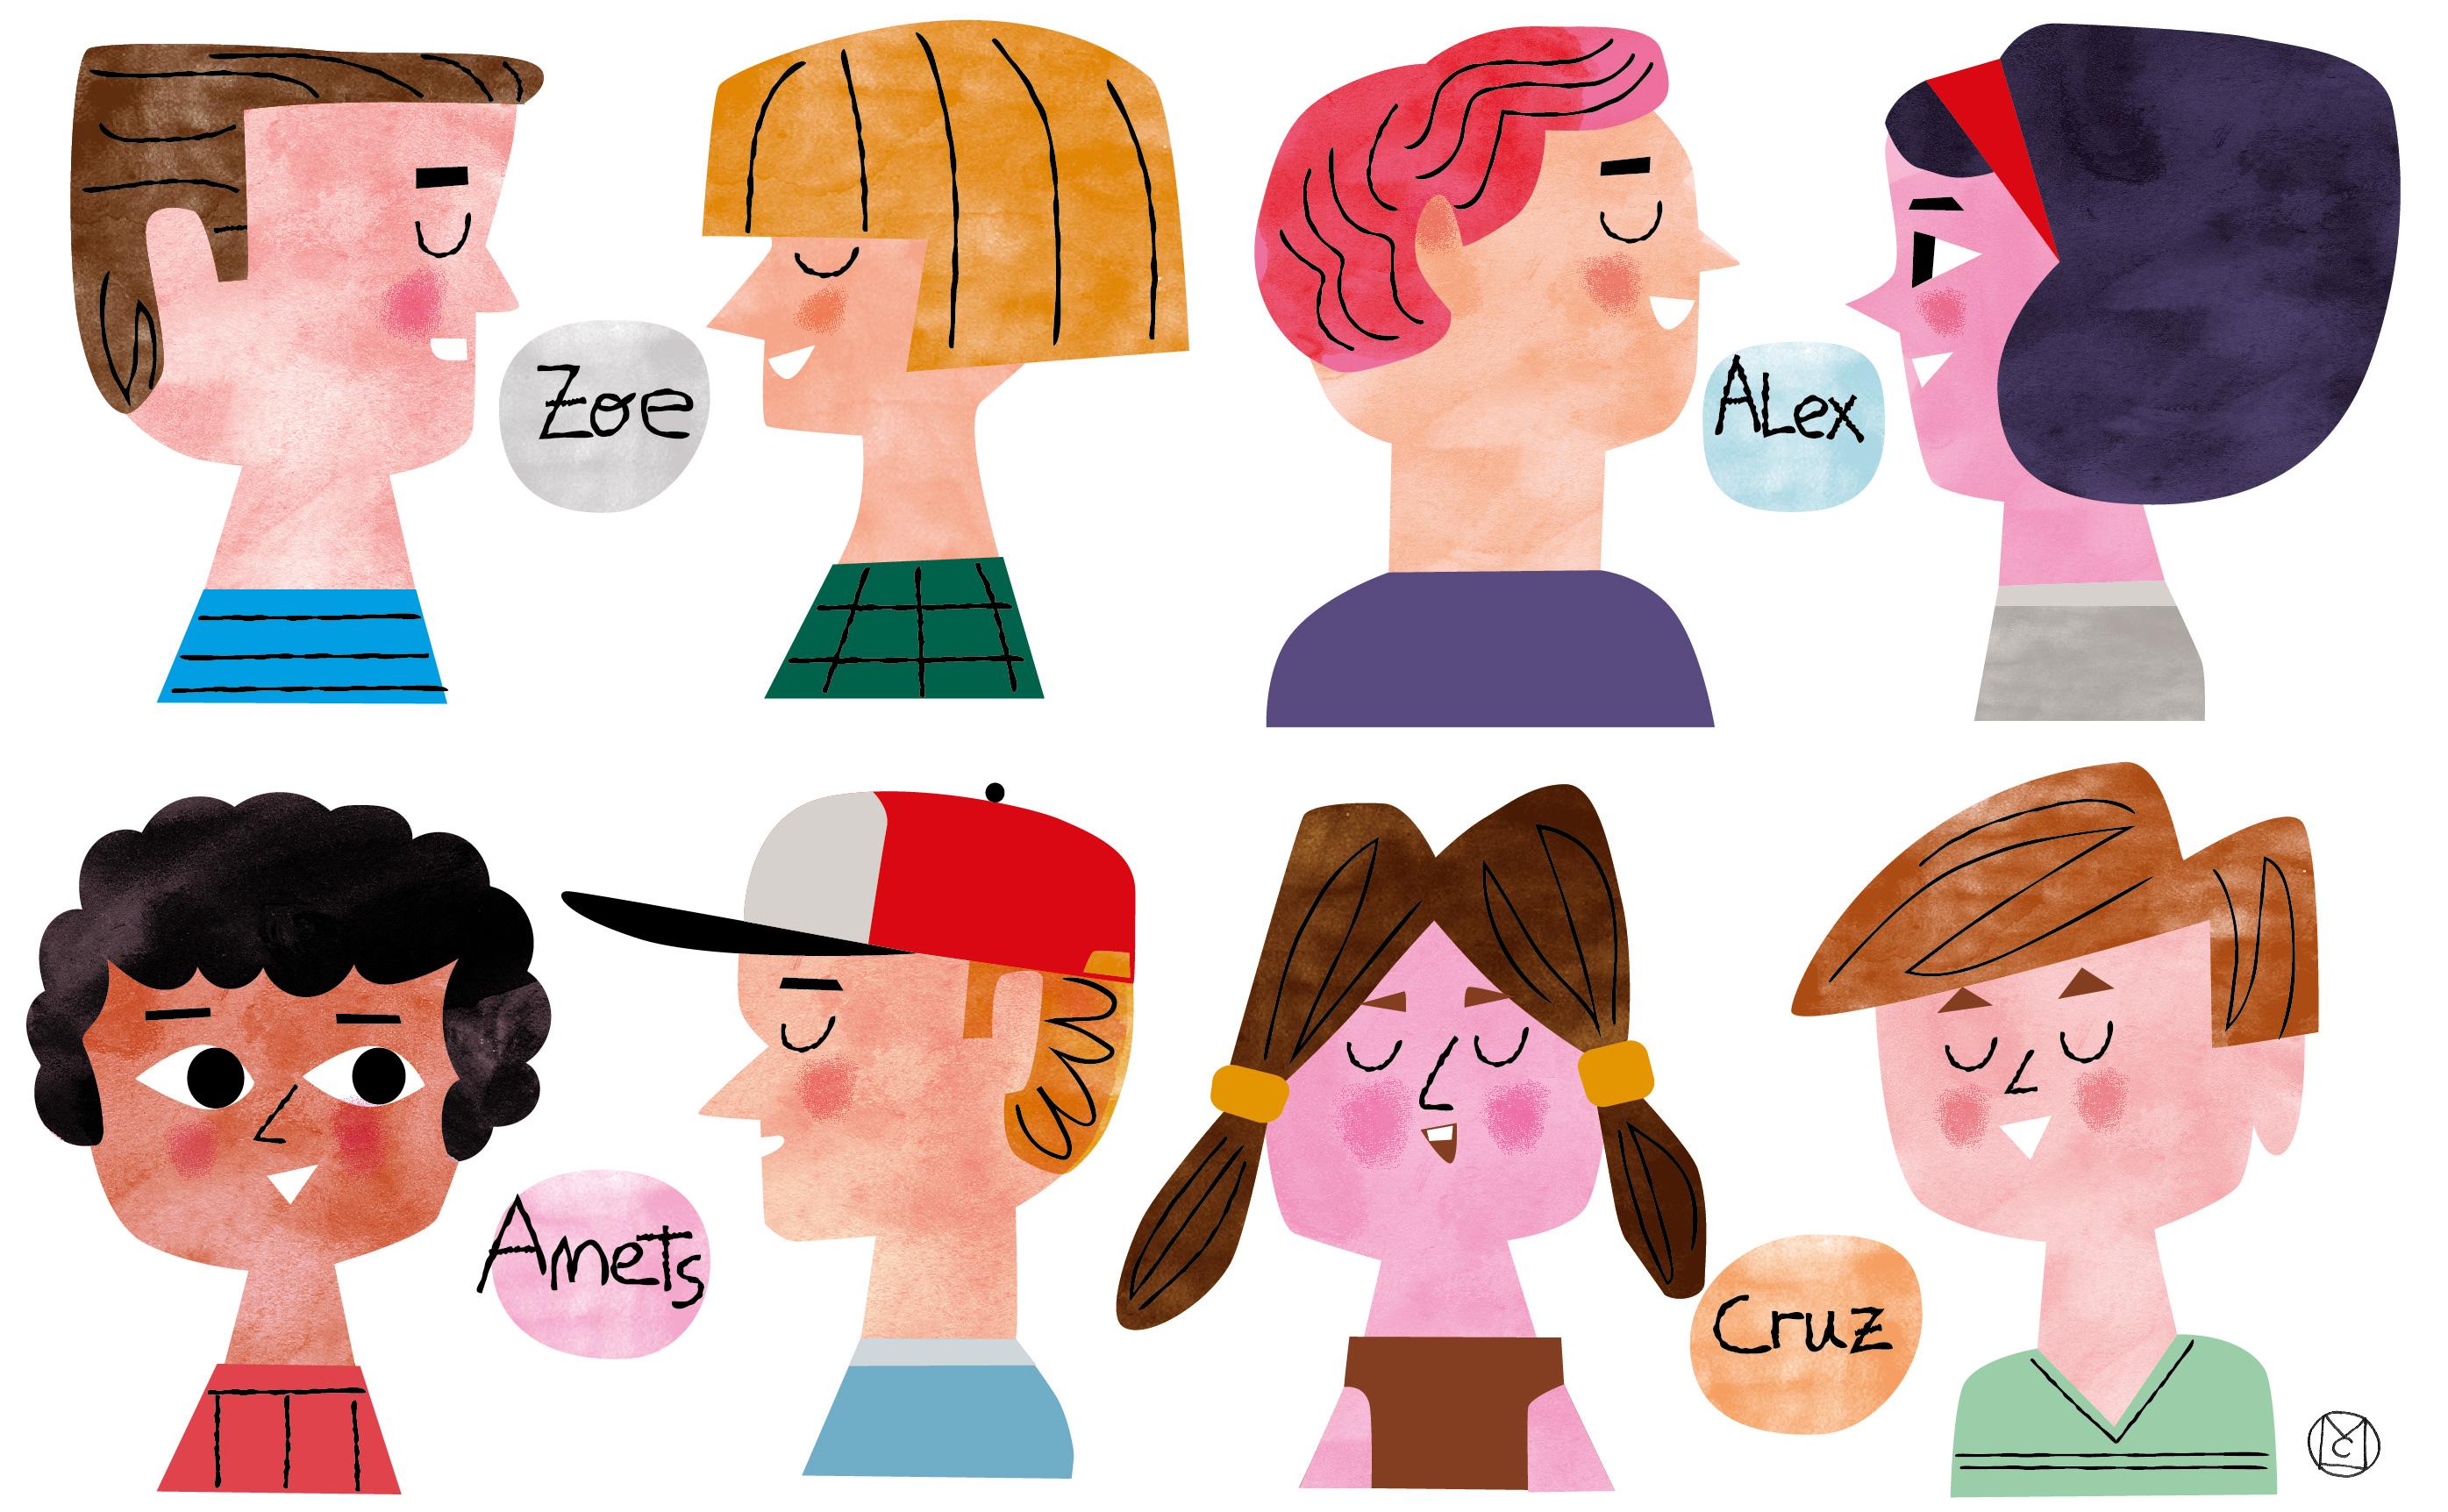 Noah, Ariel, Alex... El auge de los nombres 'unisex'